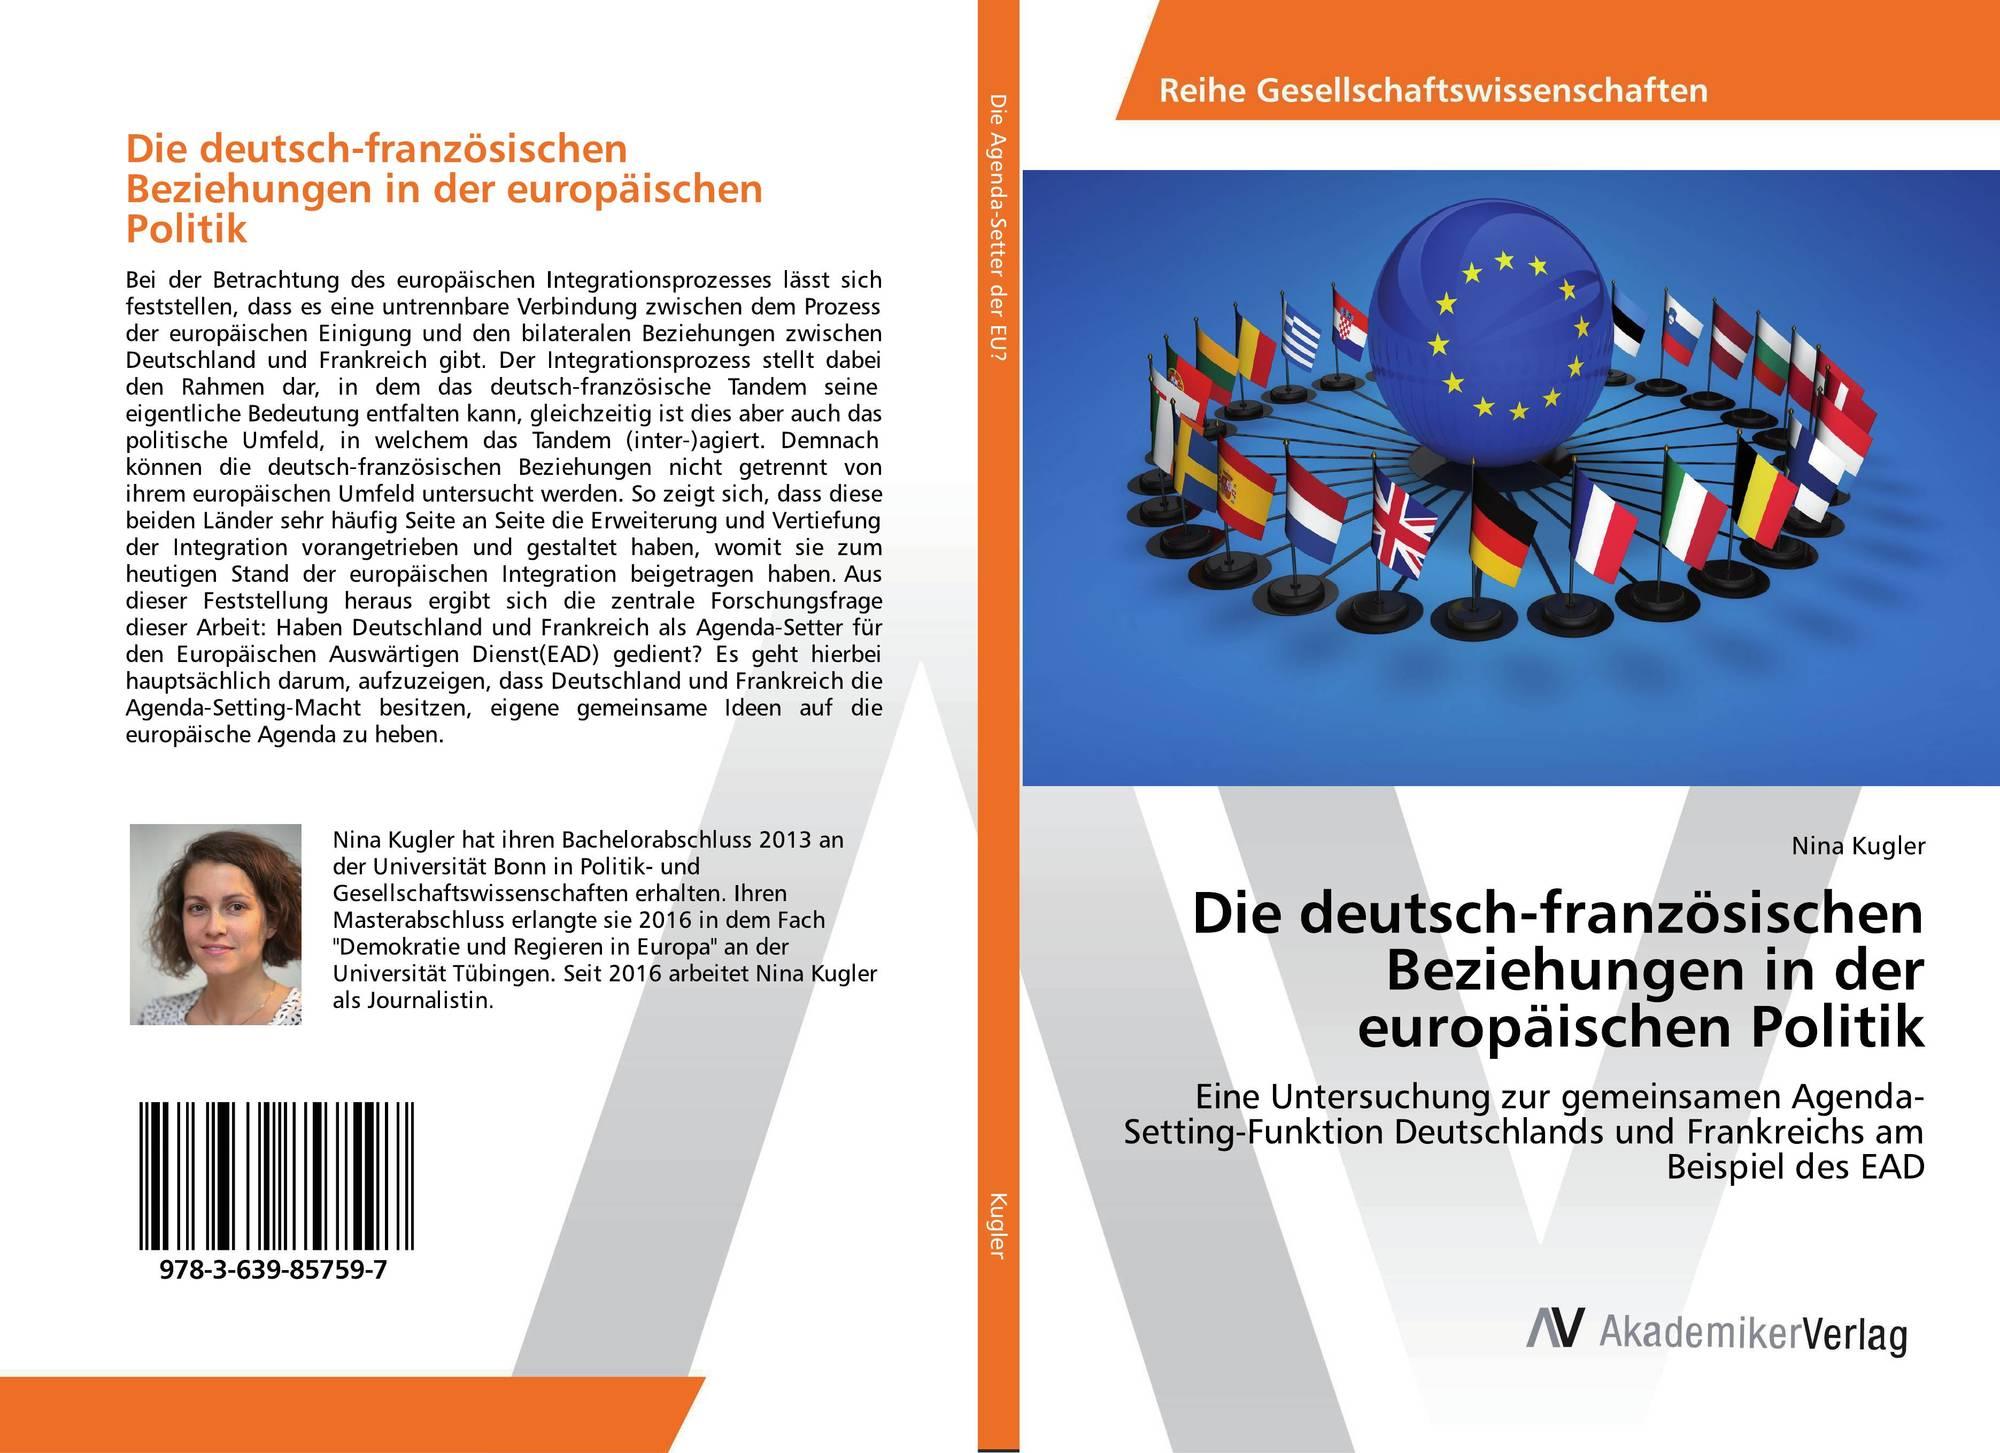 Die deutsch-französischen Beziehungen in der europäischen Politik ...